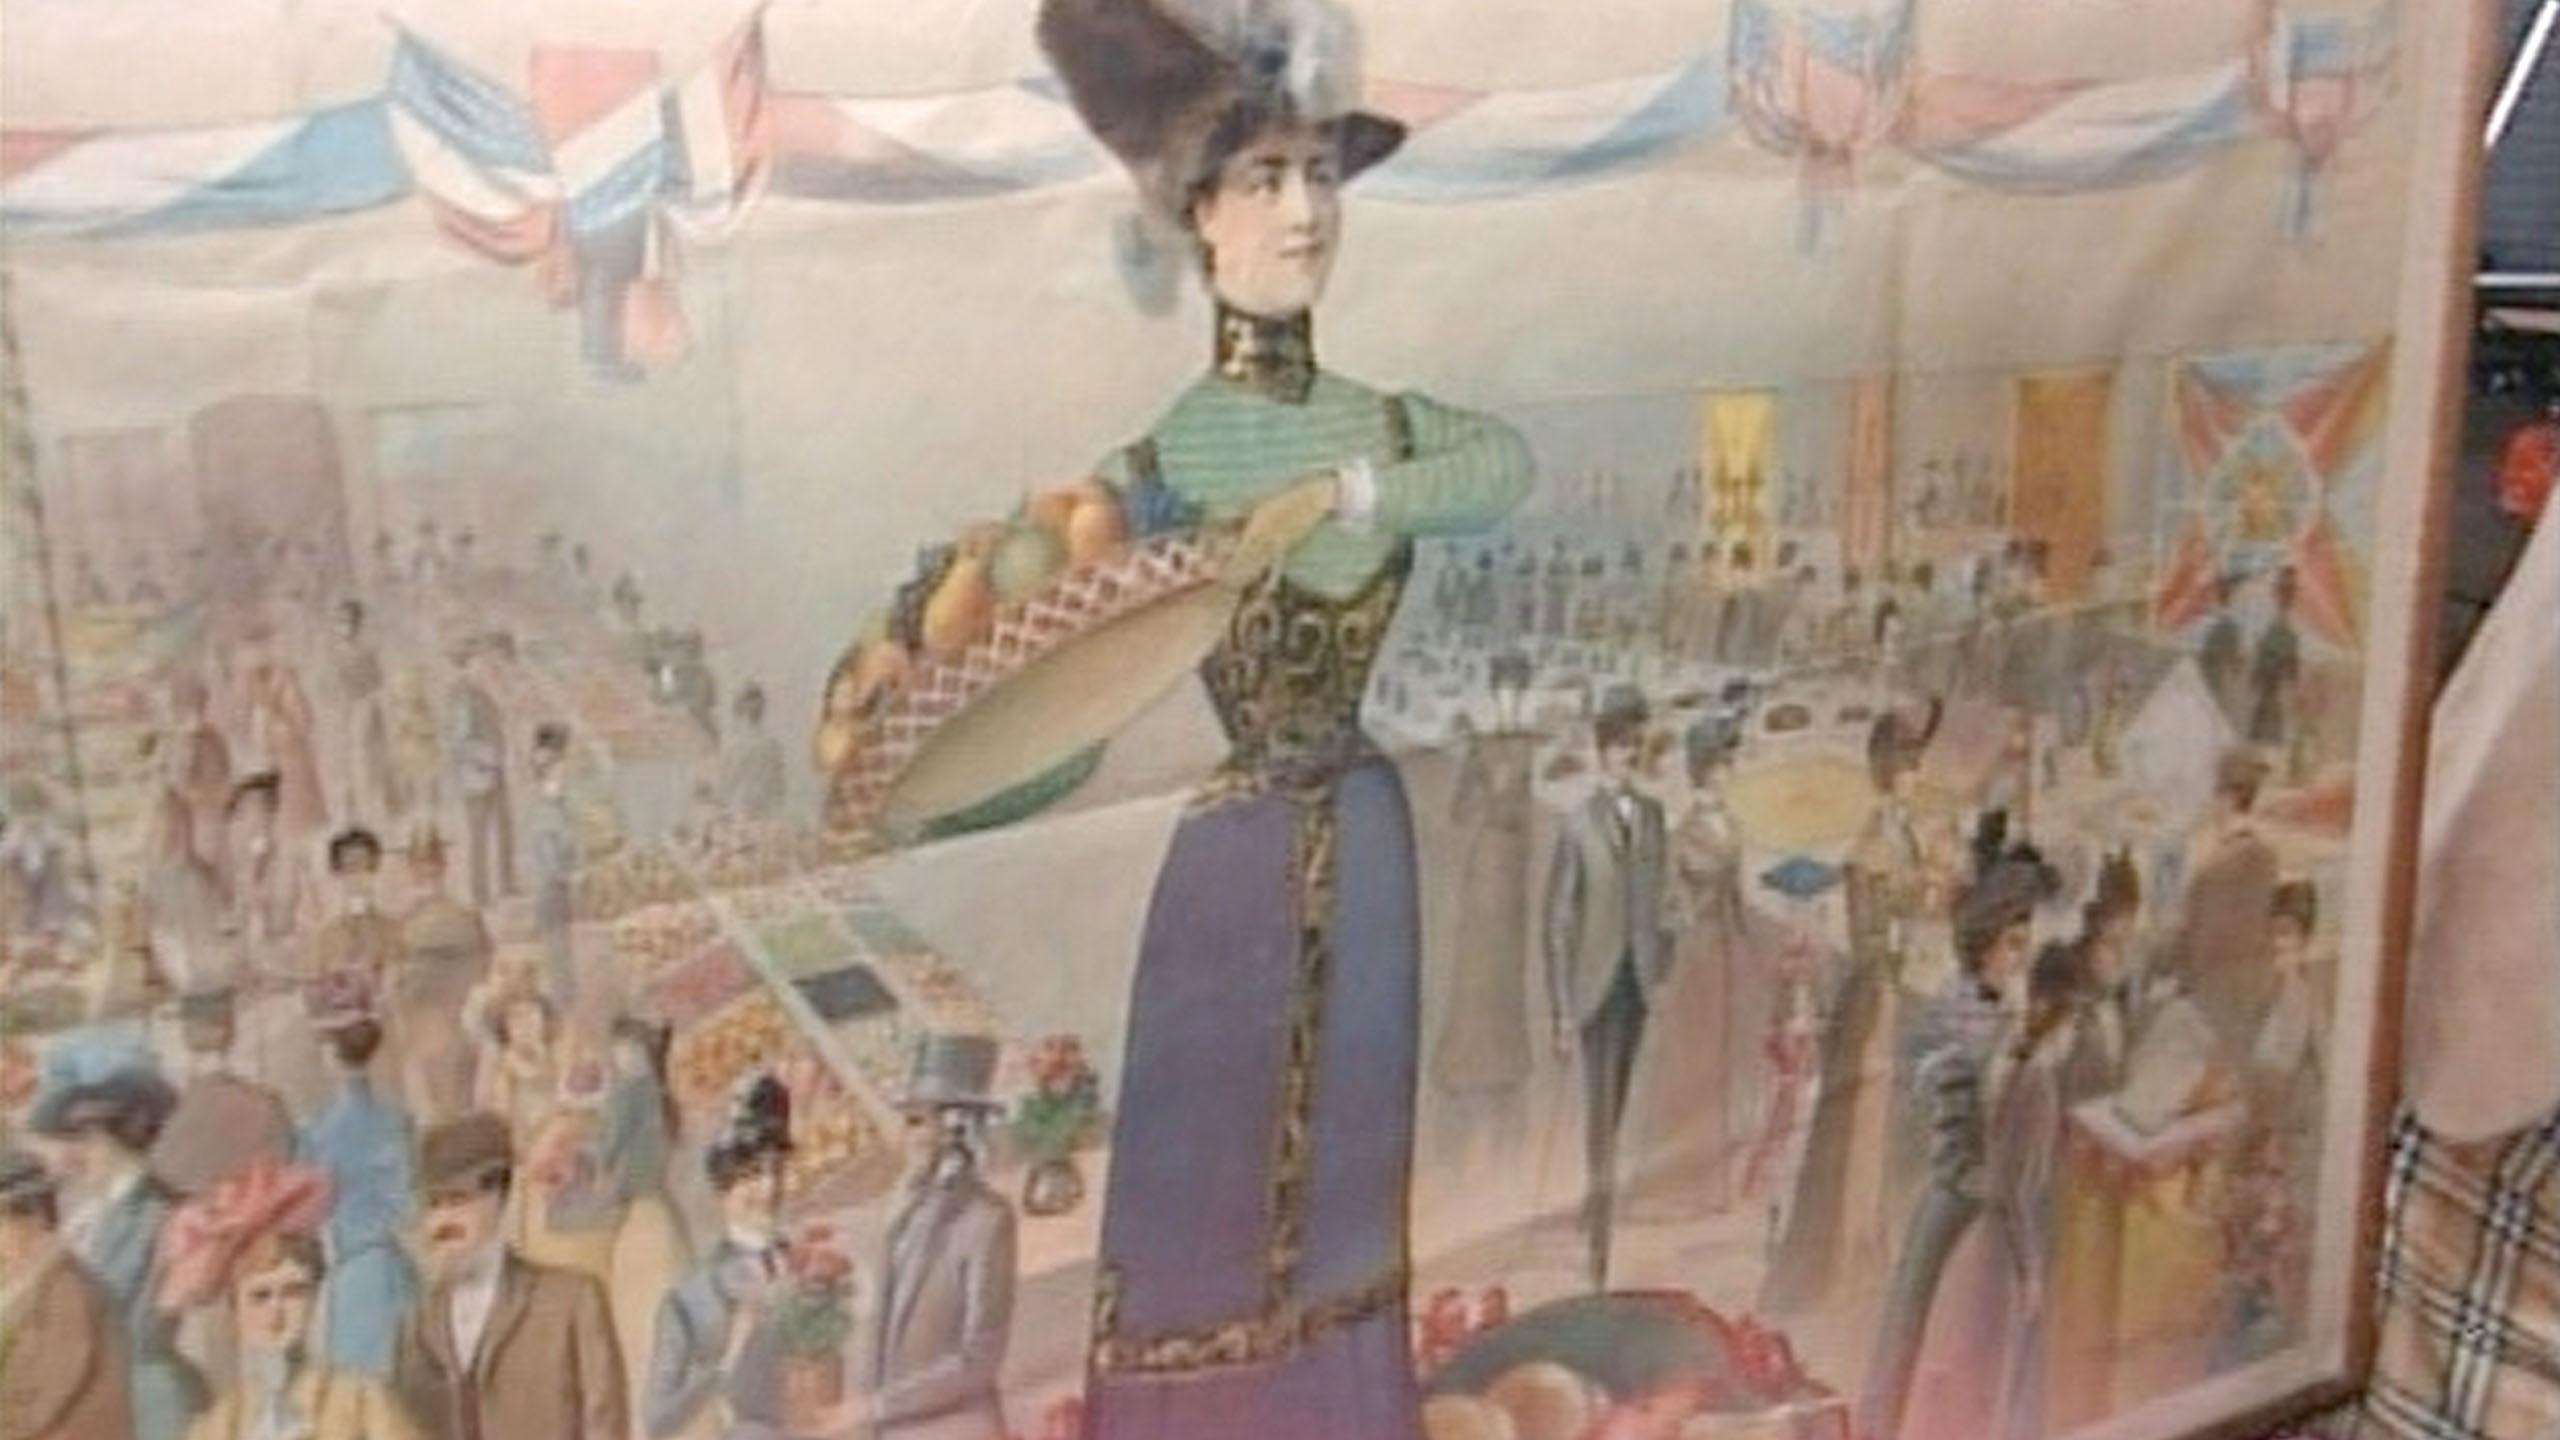 Appraisal: 1902 Windham County Fair Print